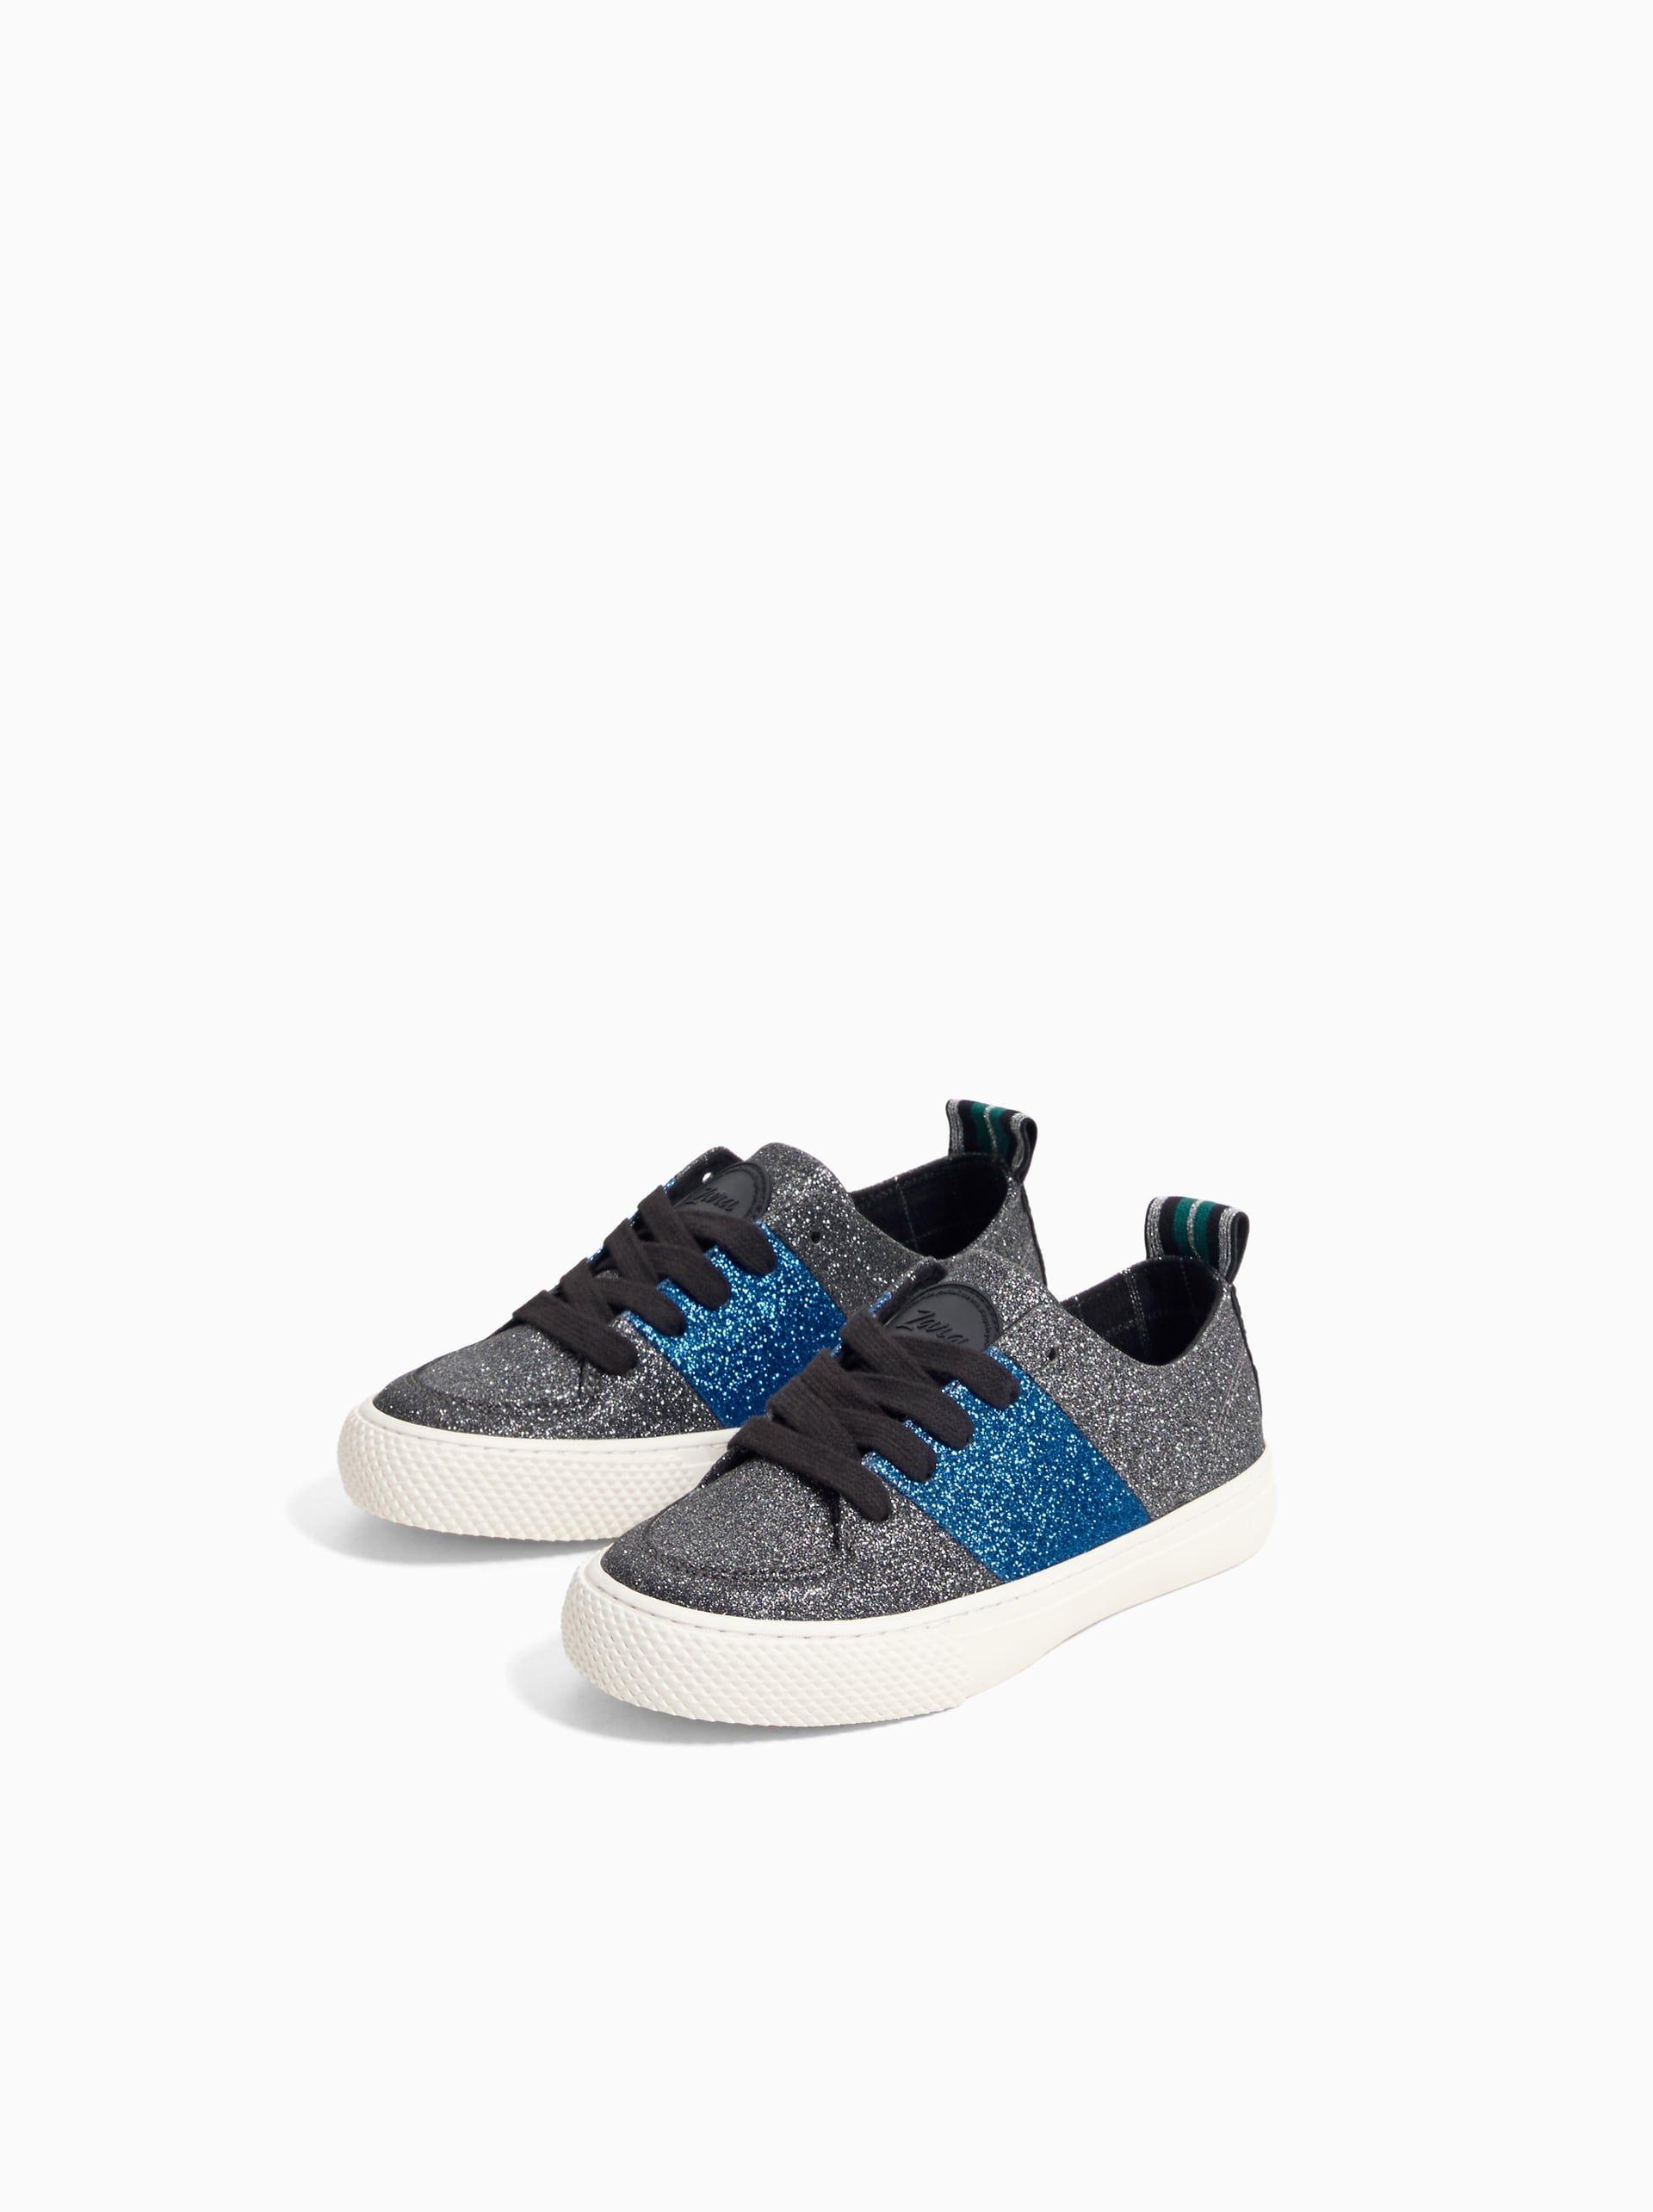 Zara | Plimsolls, Glitter sneakers